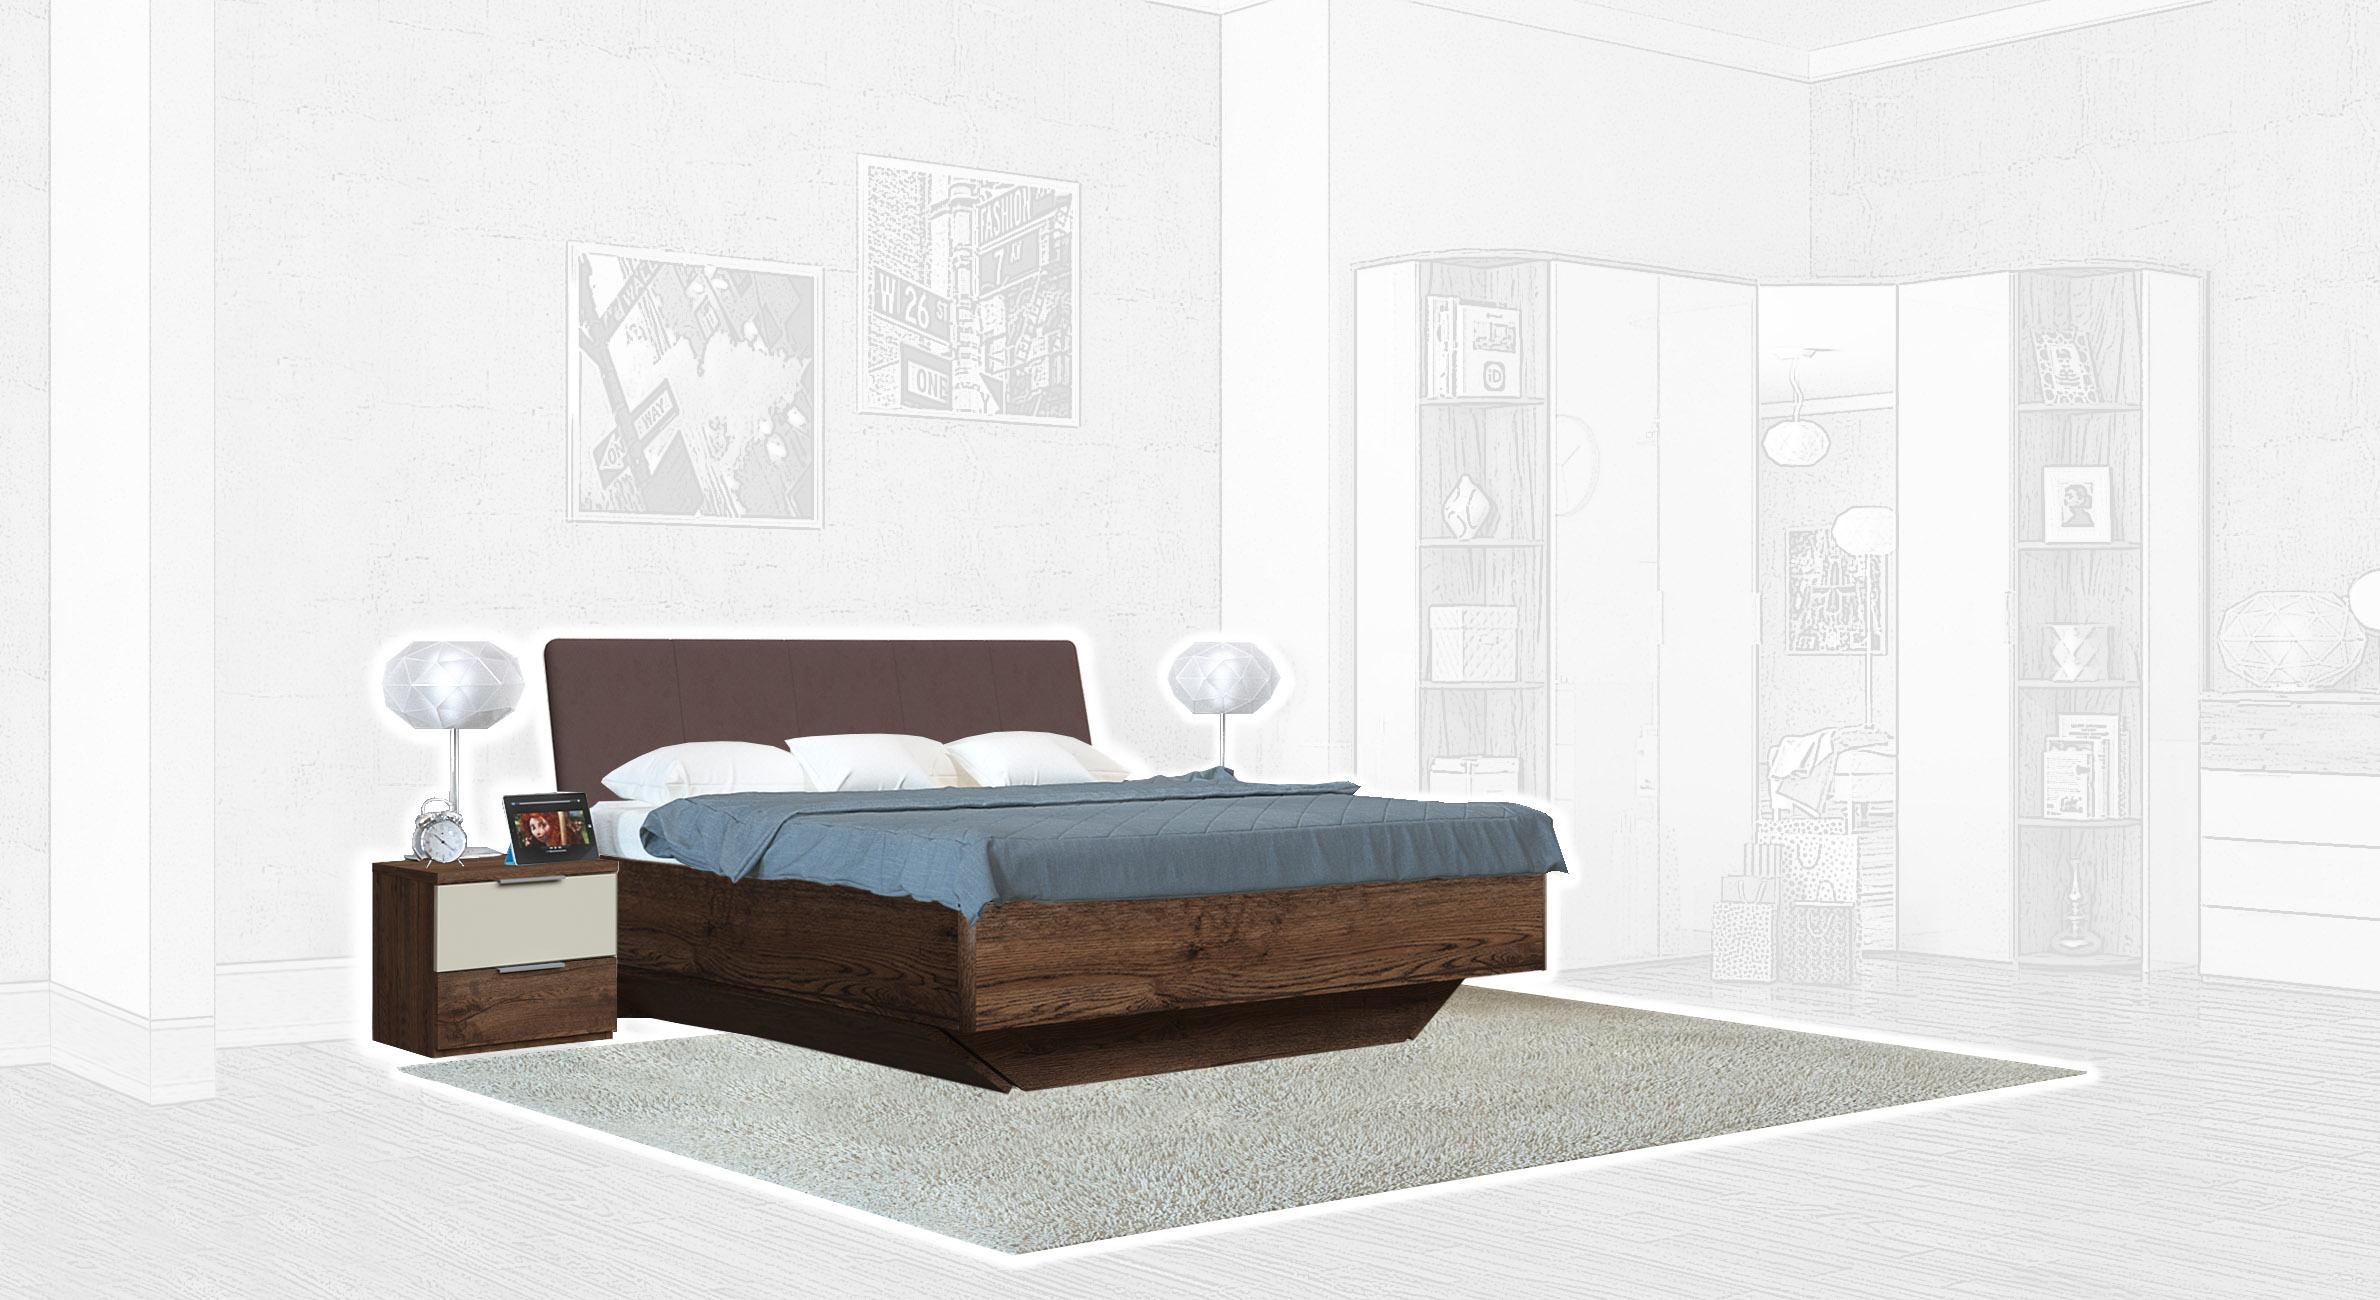 Спальня Интердизайн Тоскано темно-коричневый/бежевый (композиция 1)